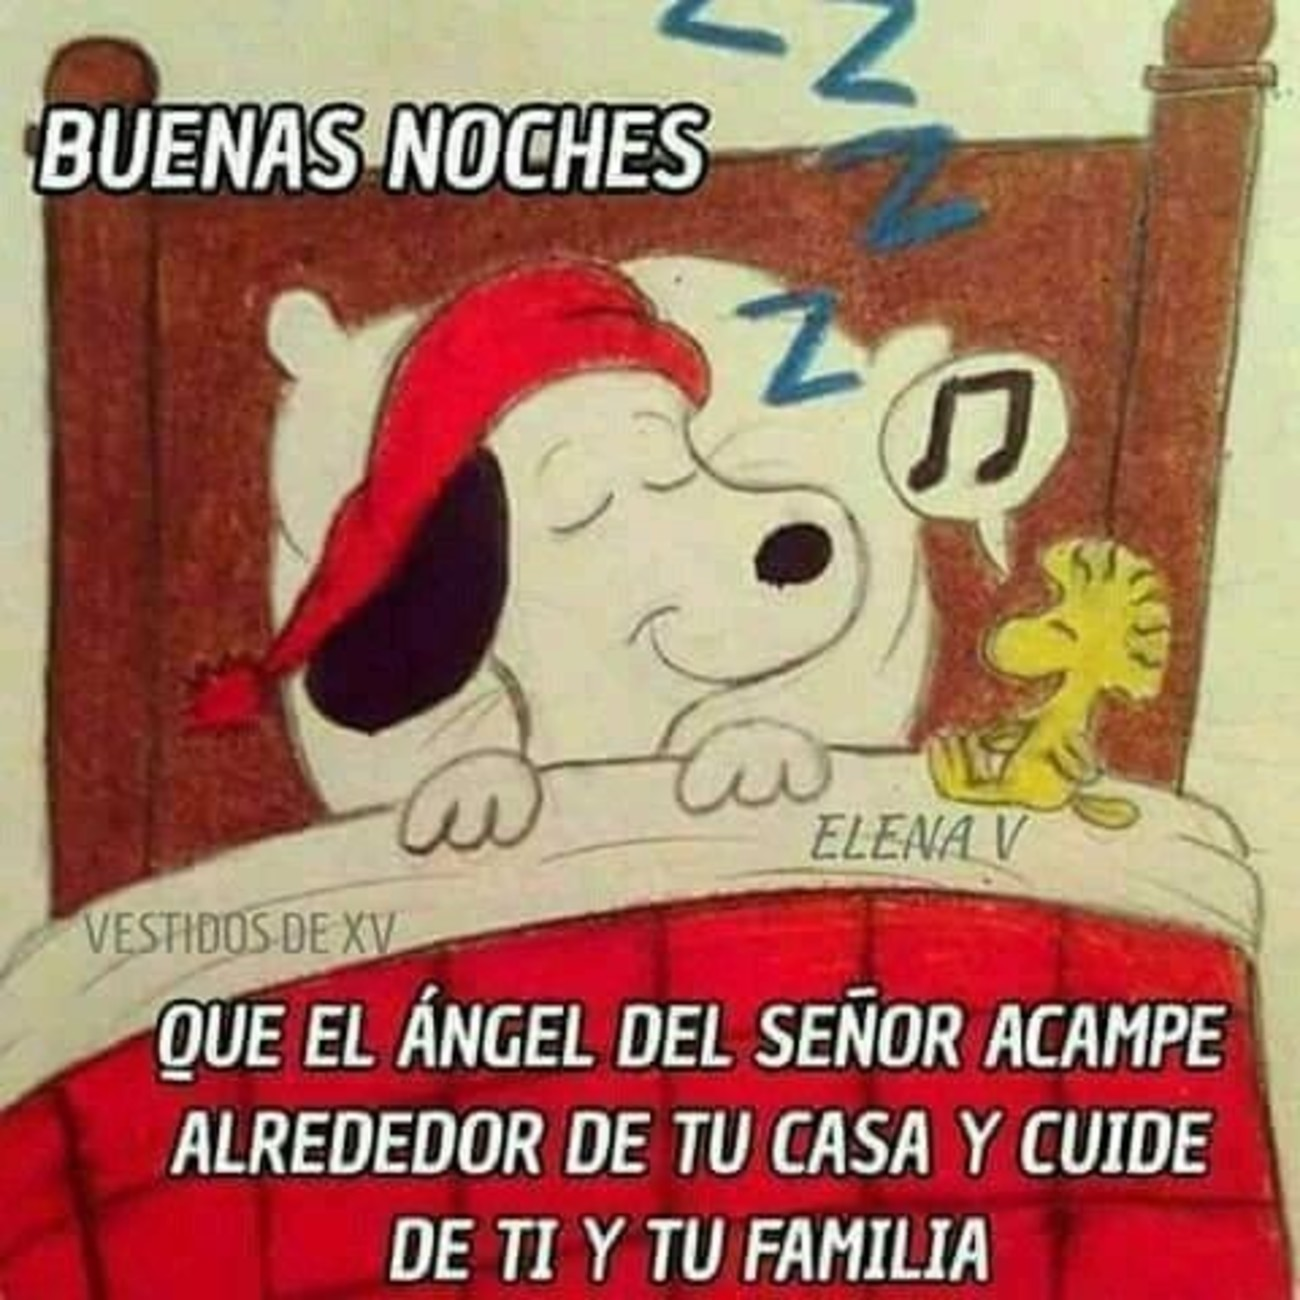 Buena Noche 1020